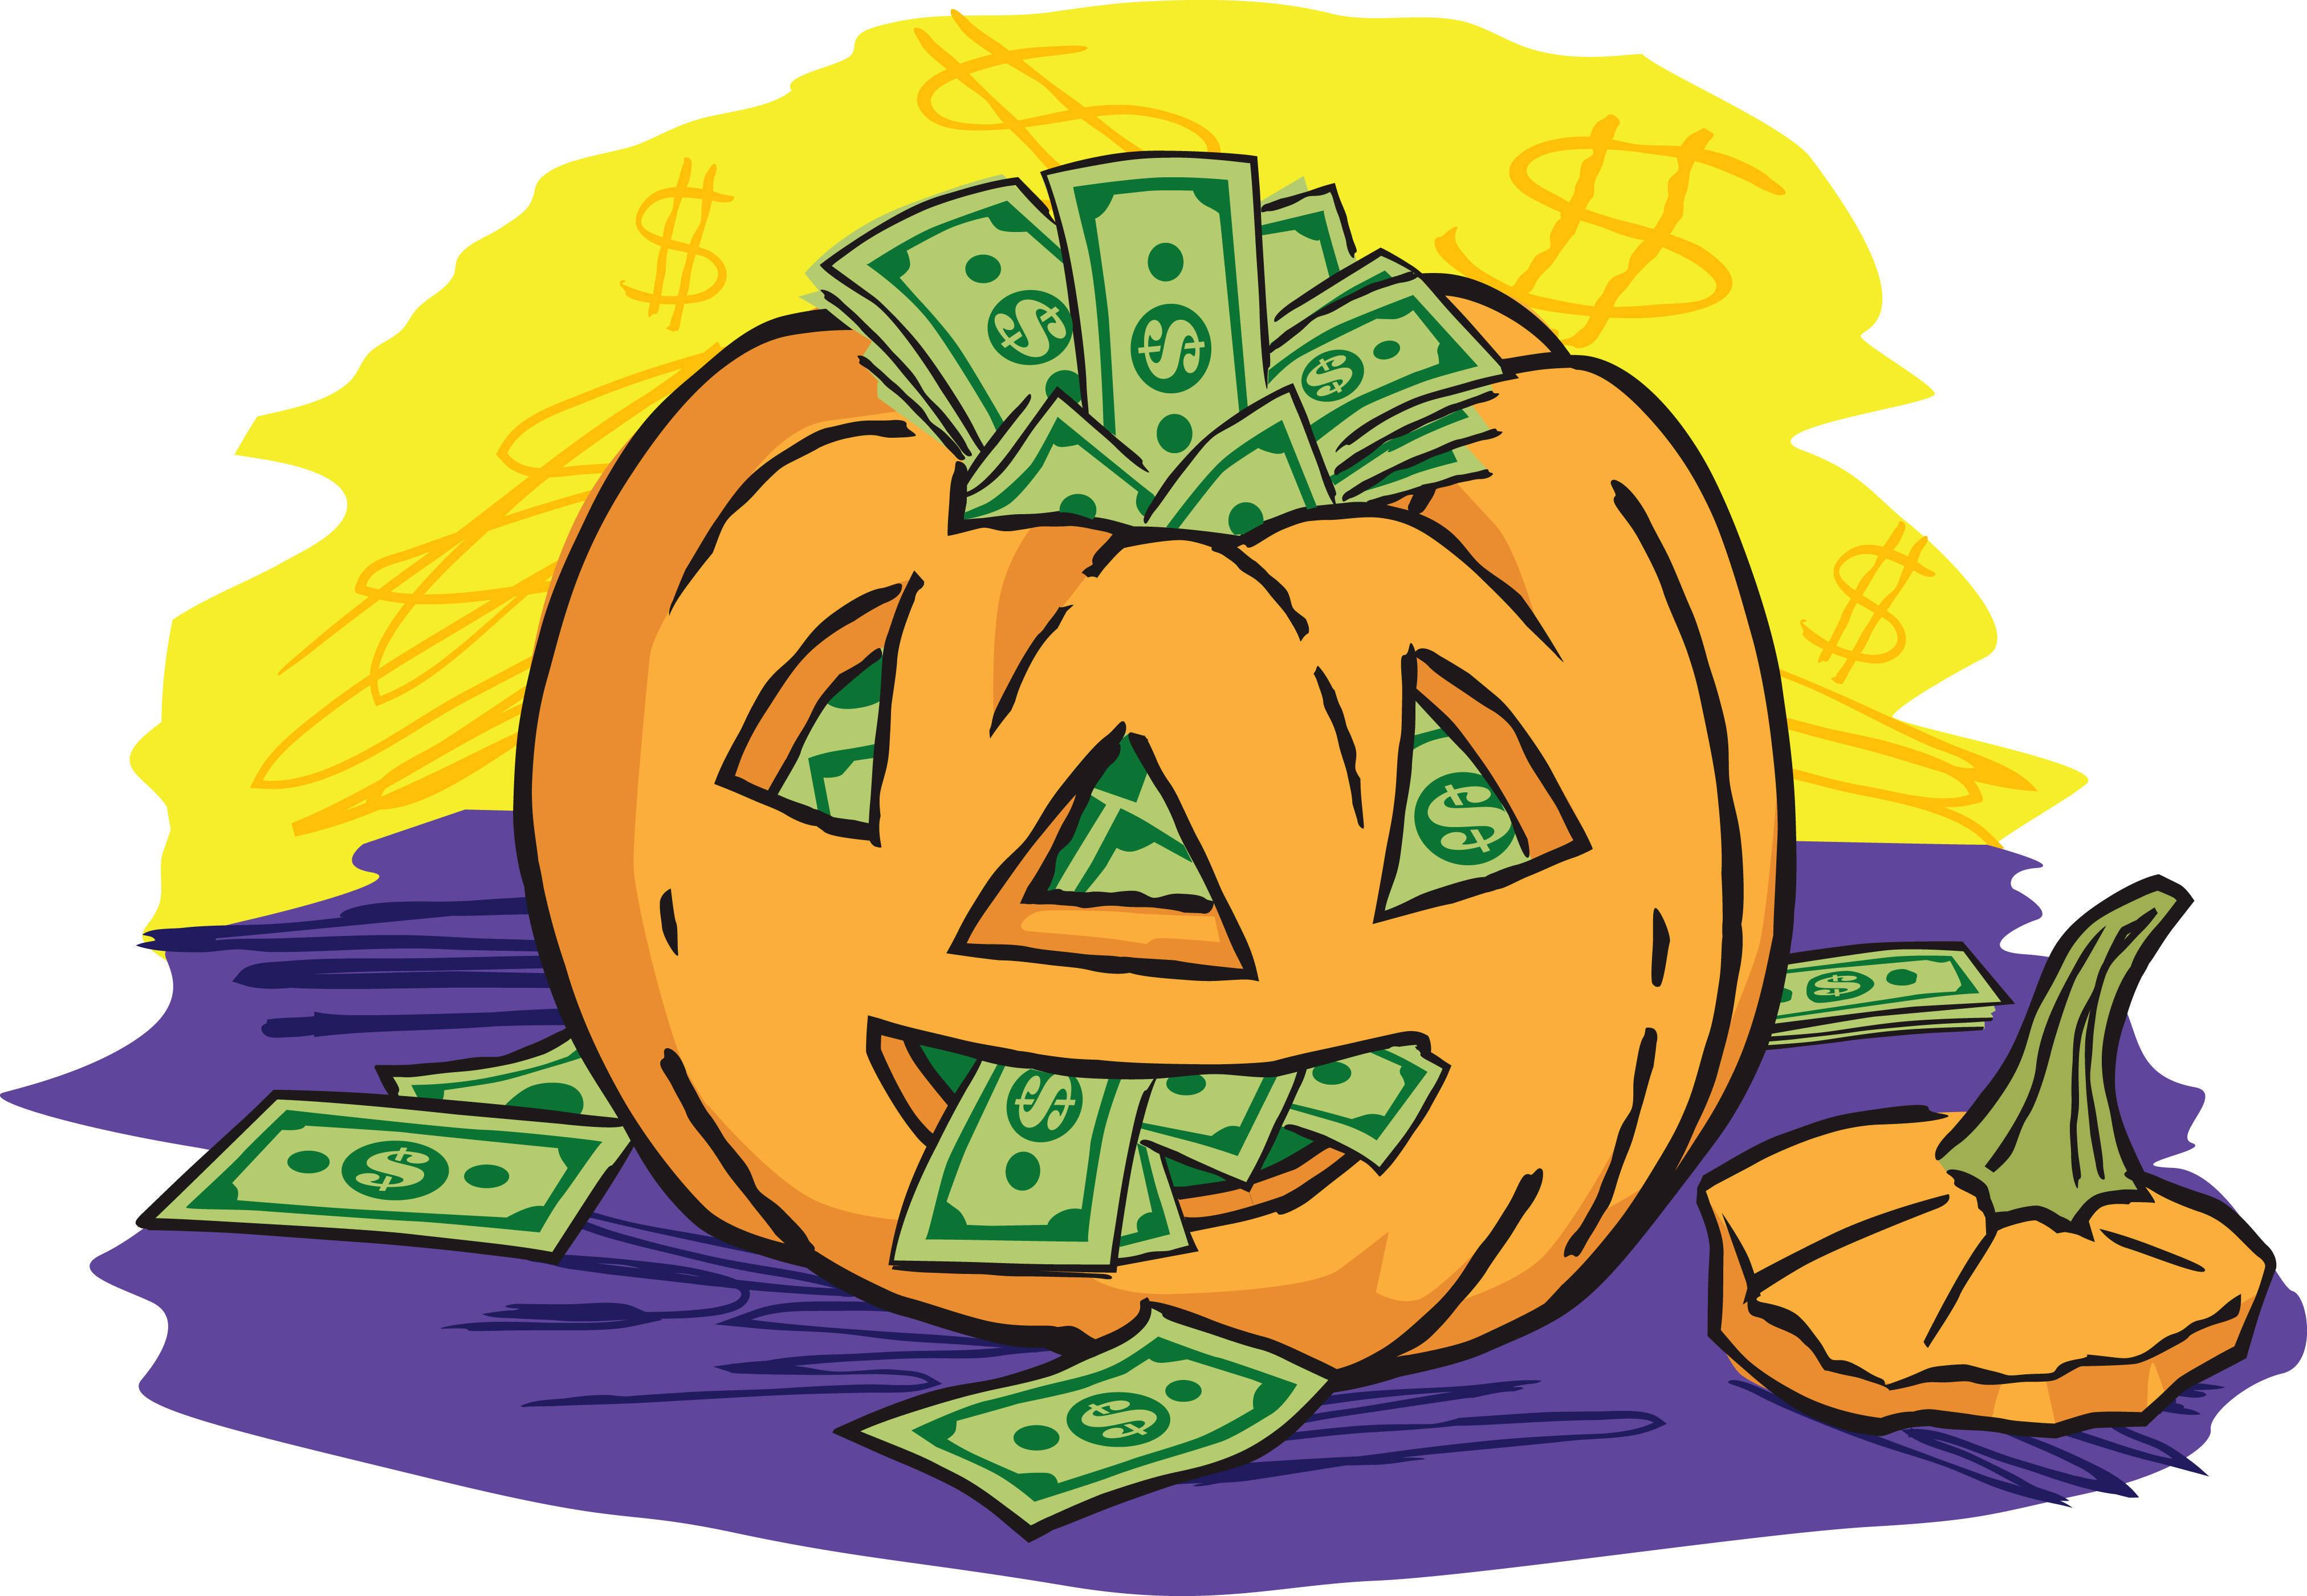 El efecto en la economía de Halloween